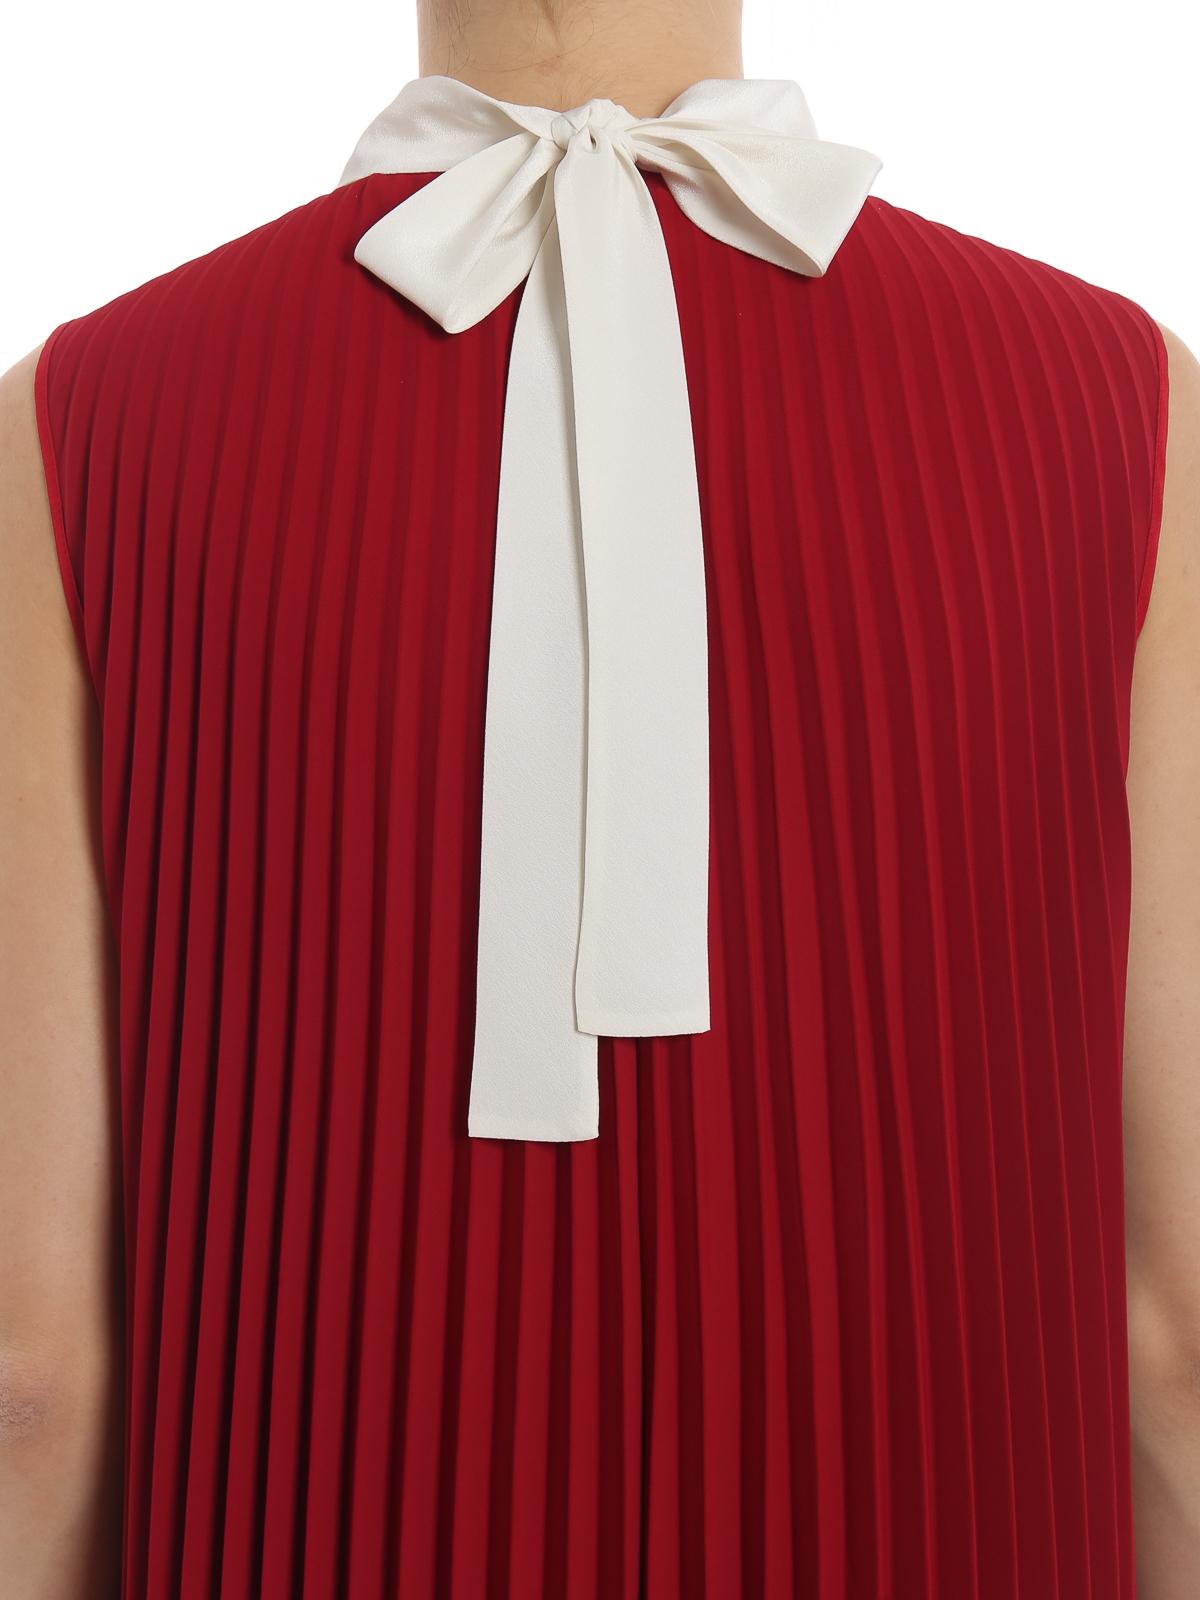 huge selection of f68b6 41067 Valentino Red - Abito smanicato in tessuto tecnico stretch ...